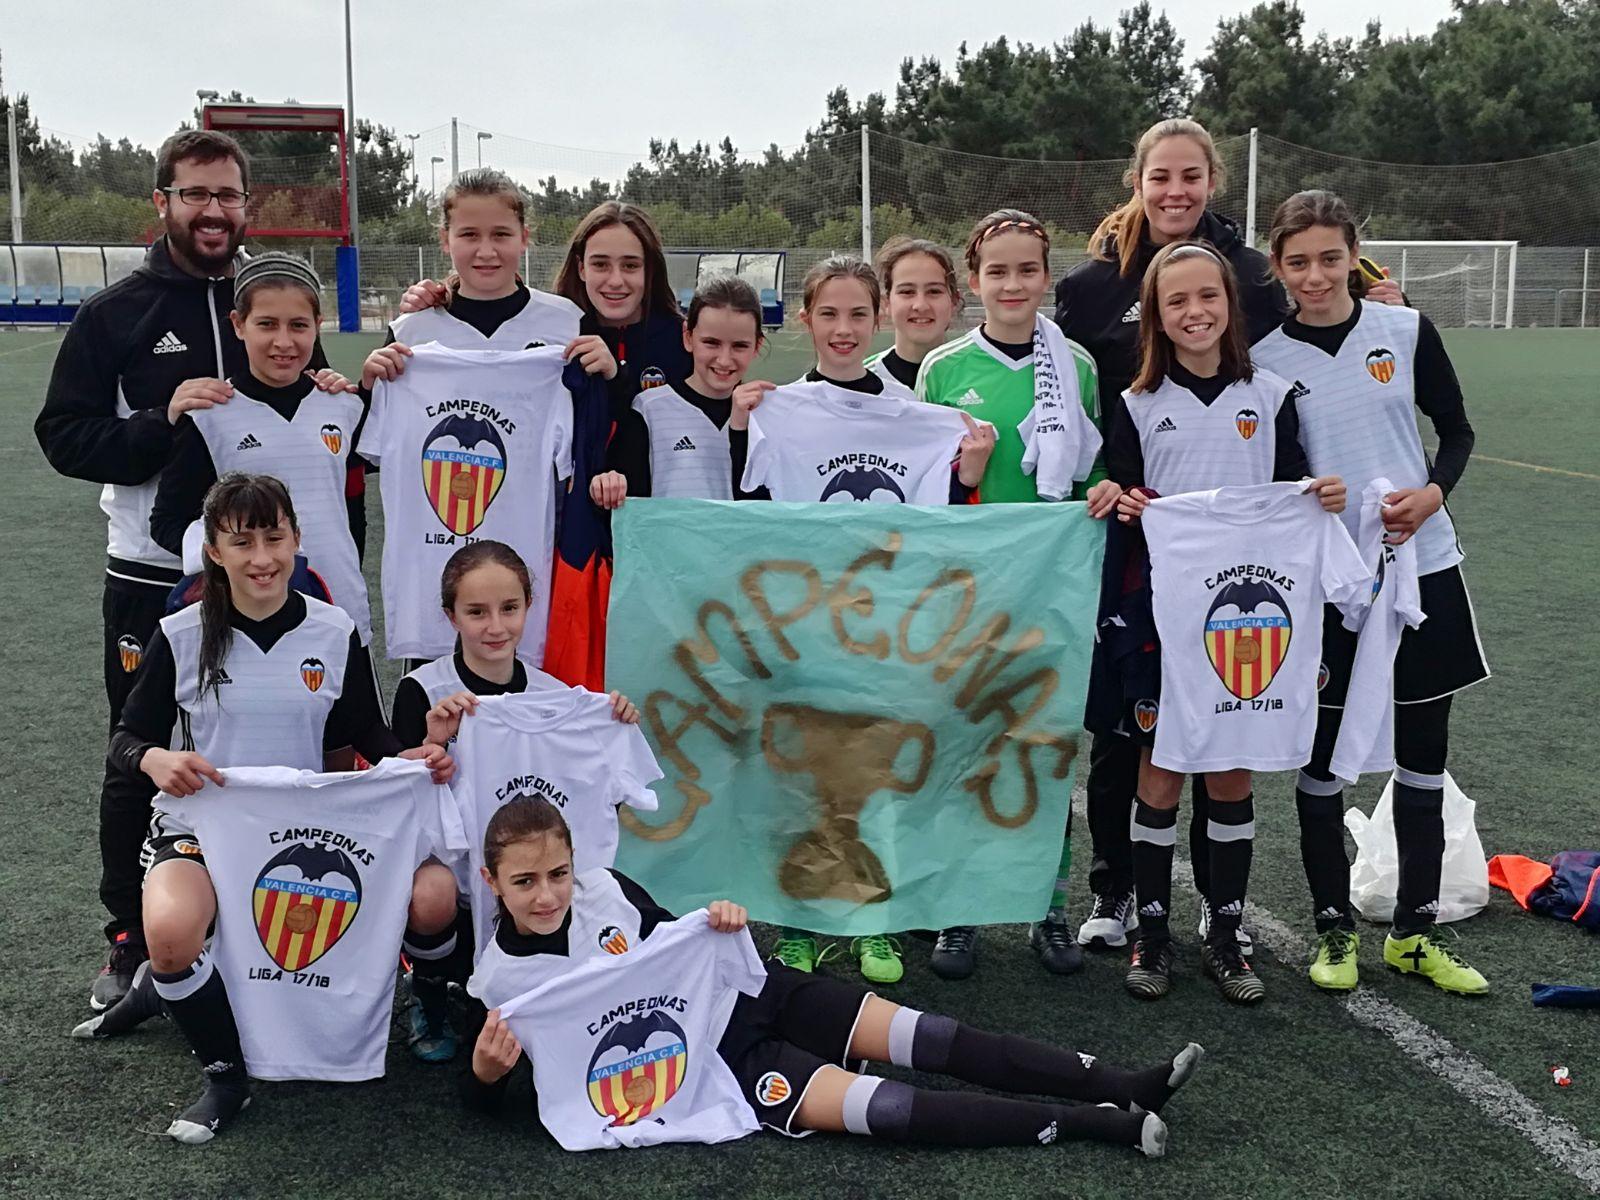 El equipo del Valencia CF campeón de esta temporada 2017-2018.